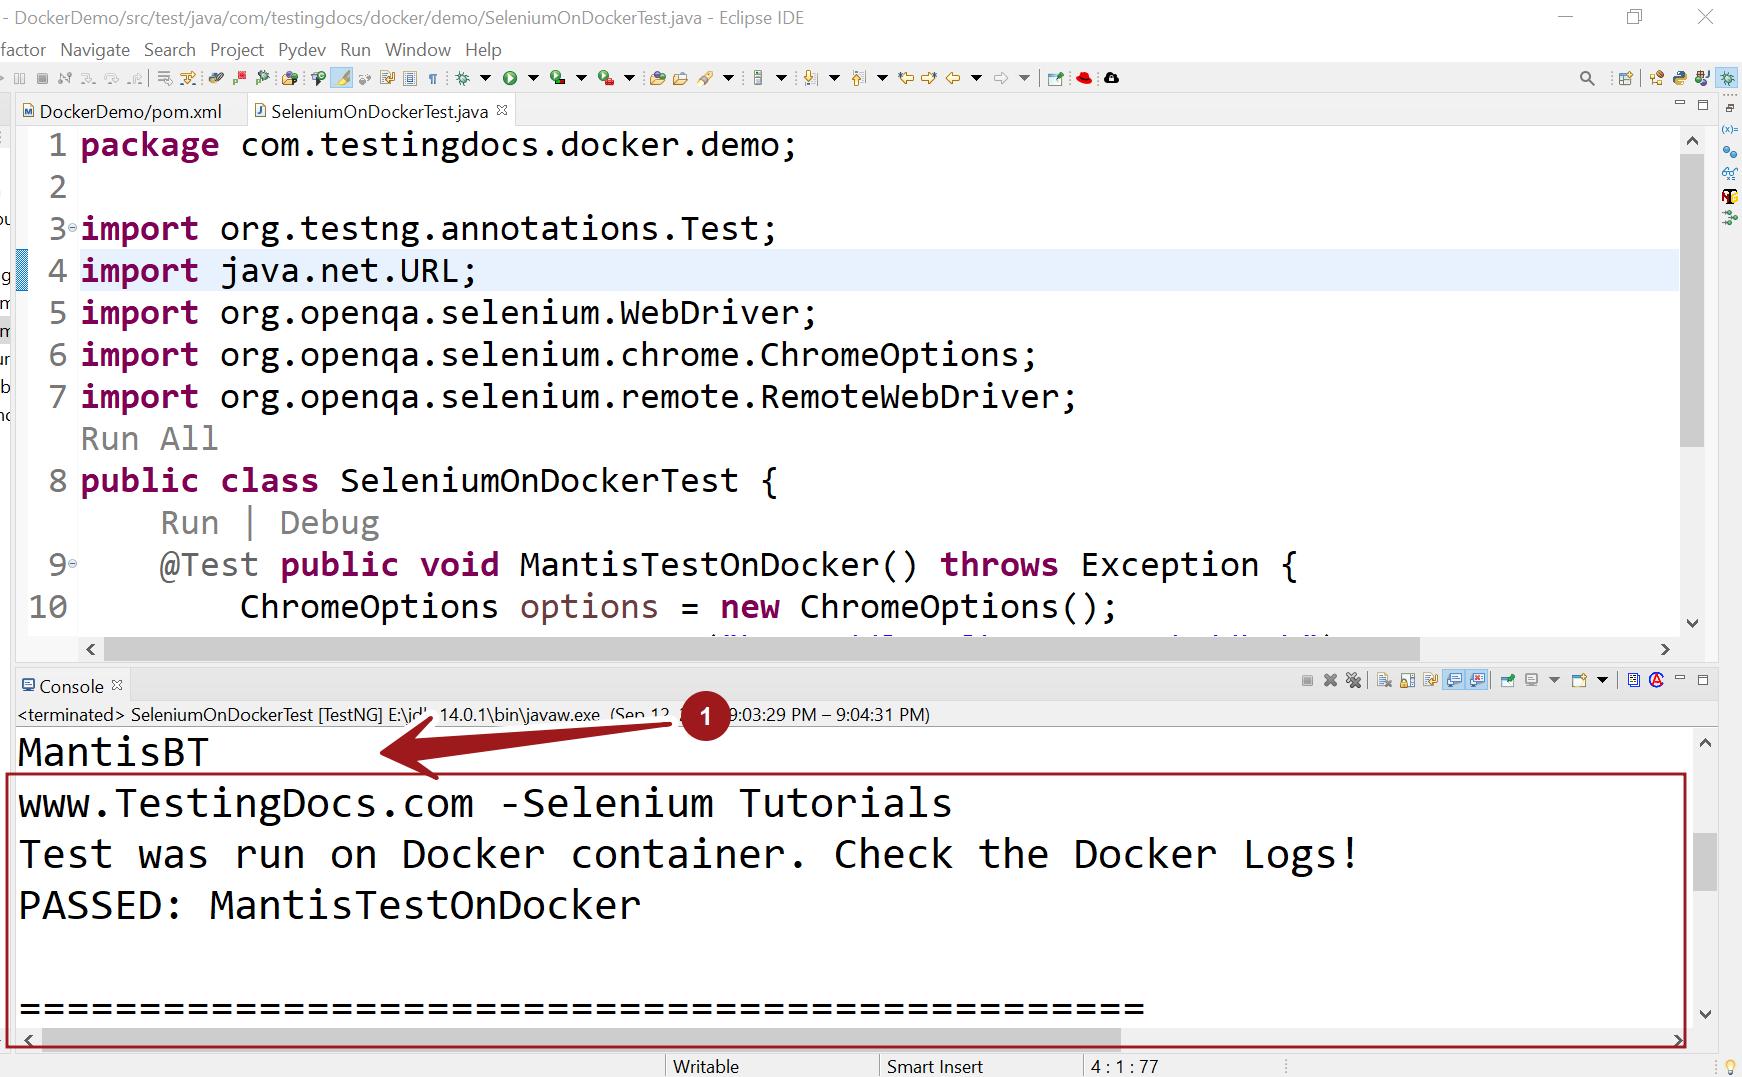 Selenium Test on Docker Container